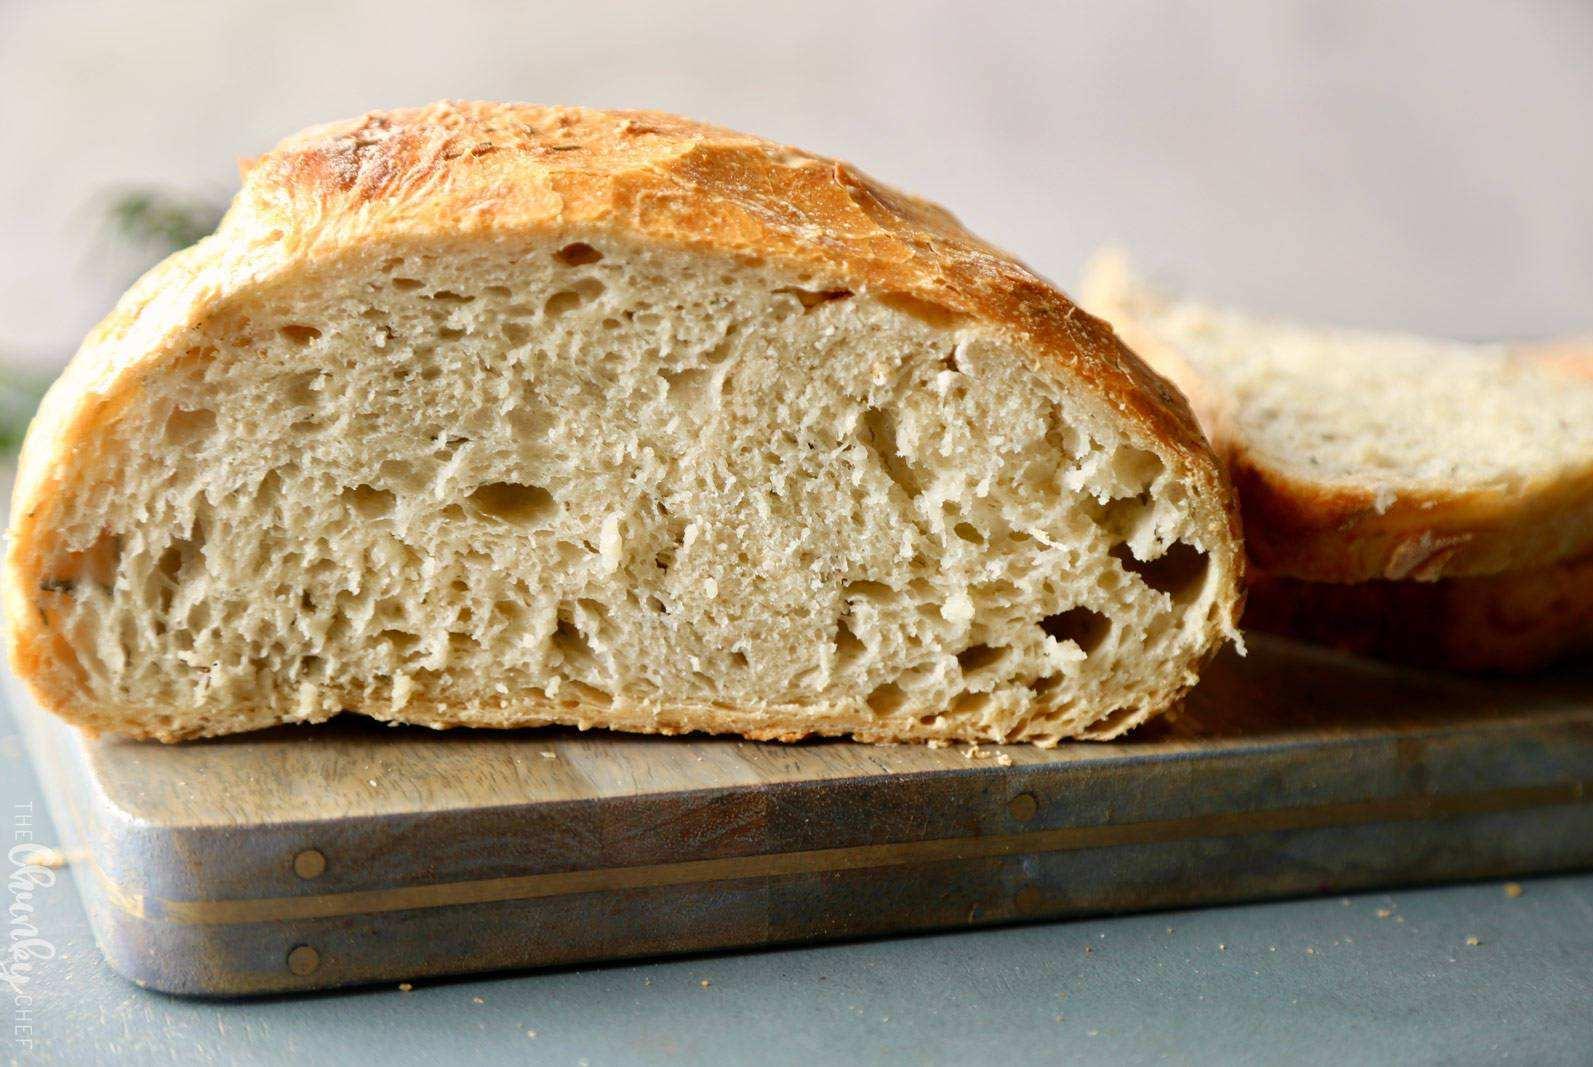 吃面包也有讲究,这5种面包要少吃,店员:我们从来都不吃!